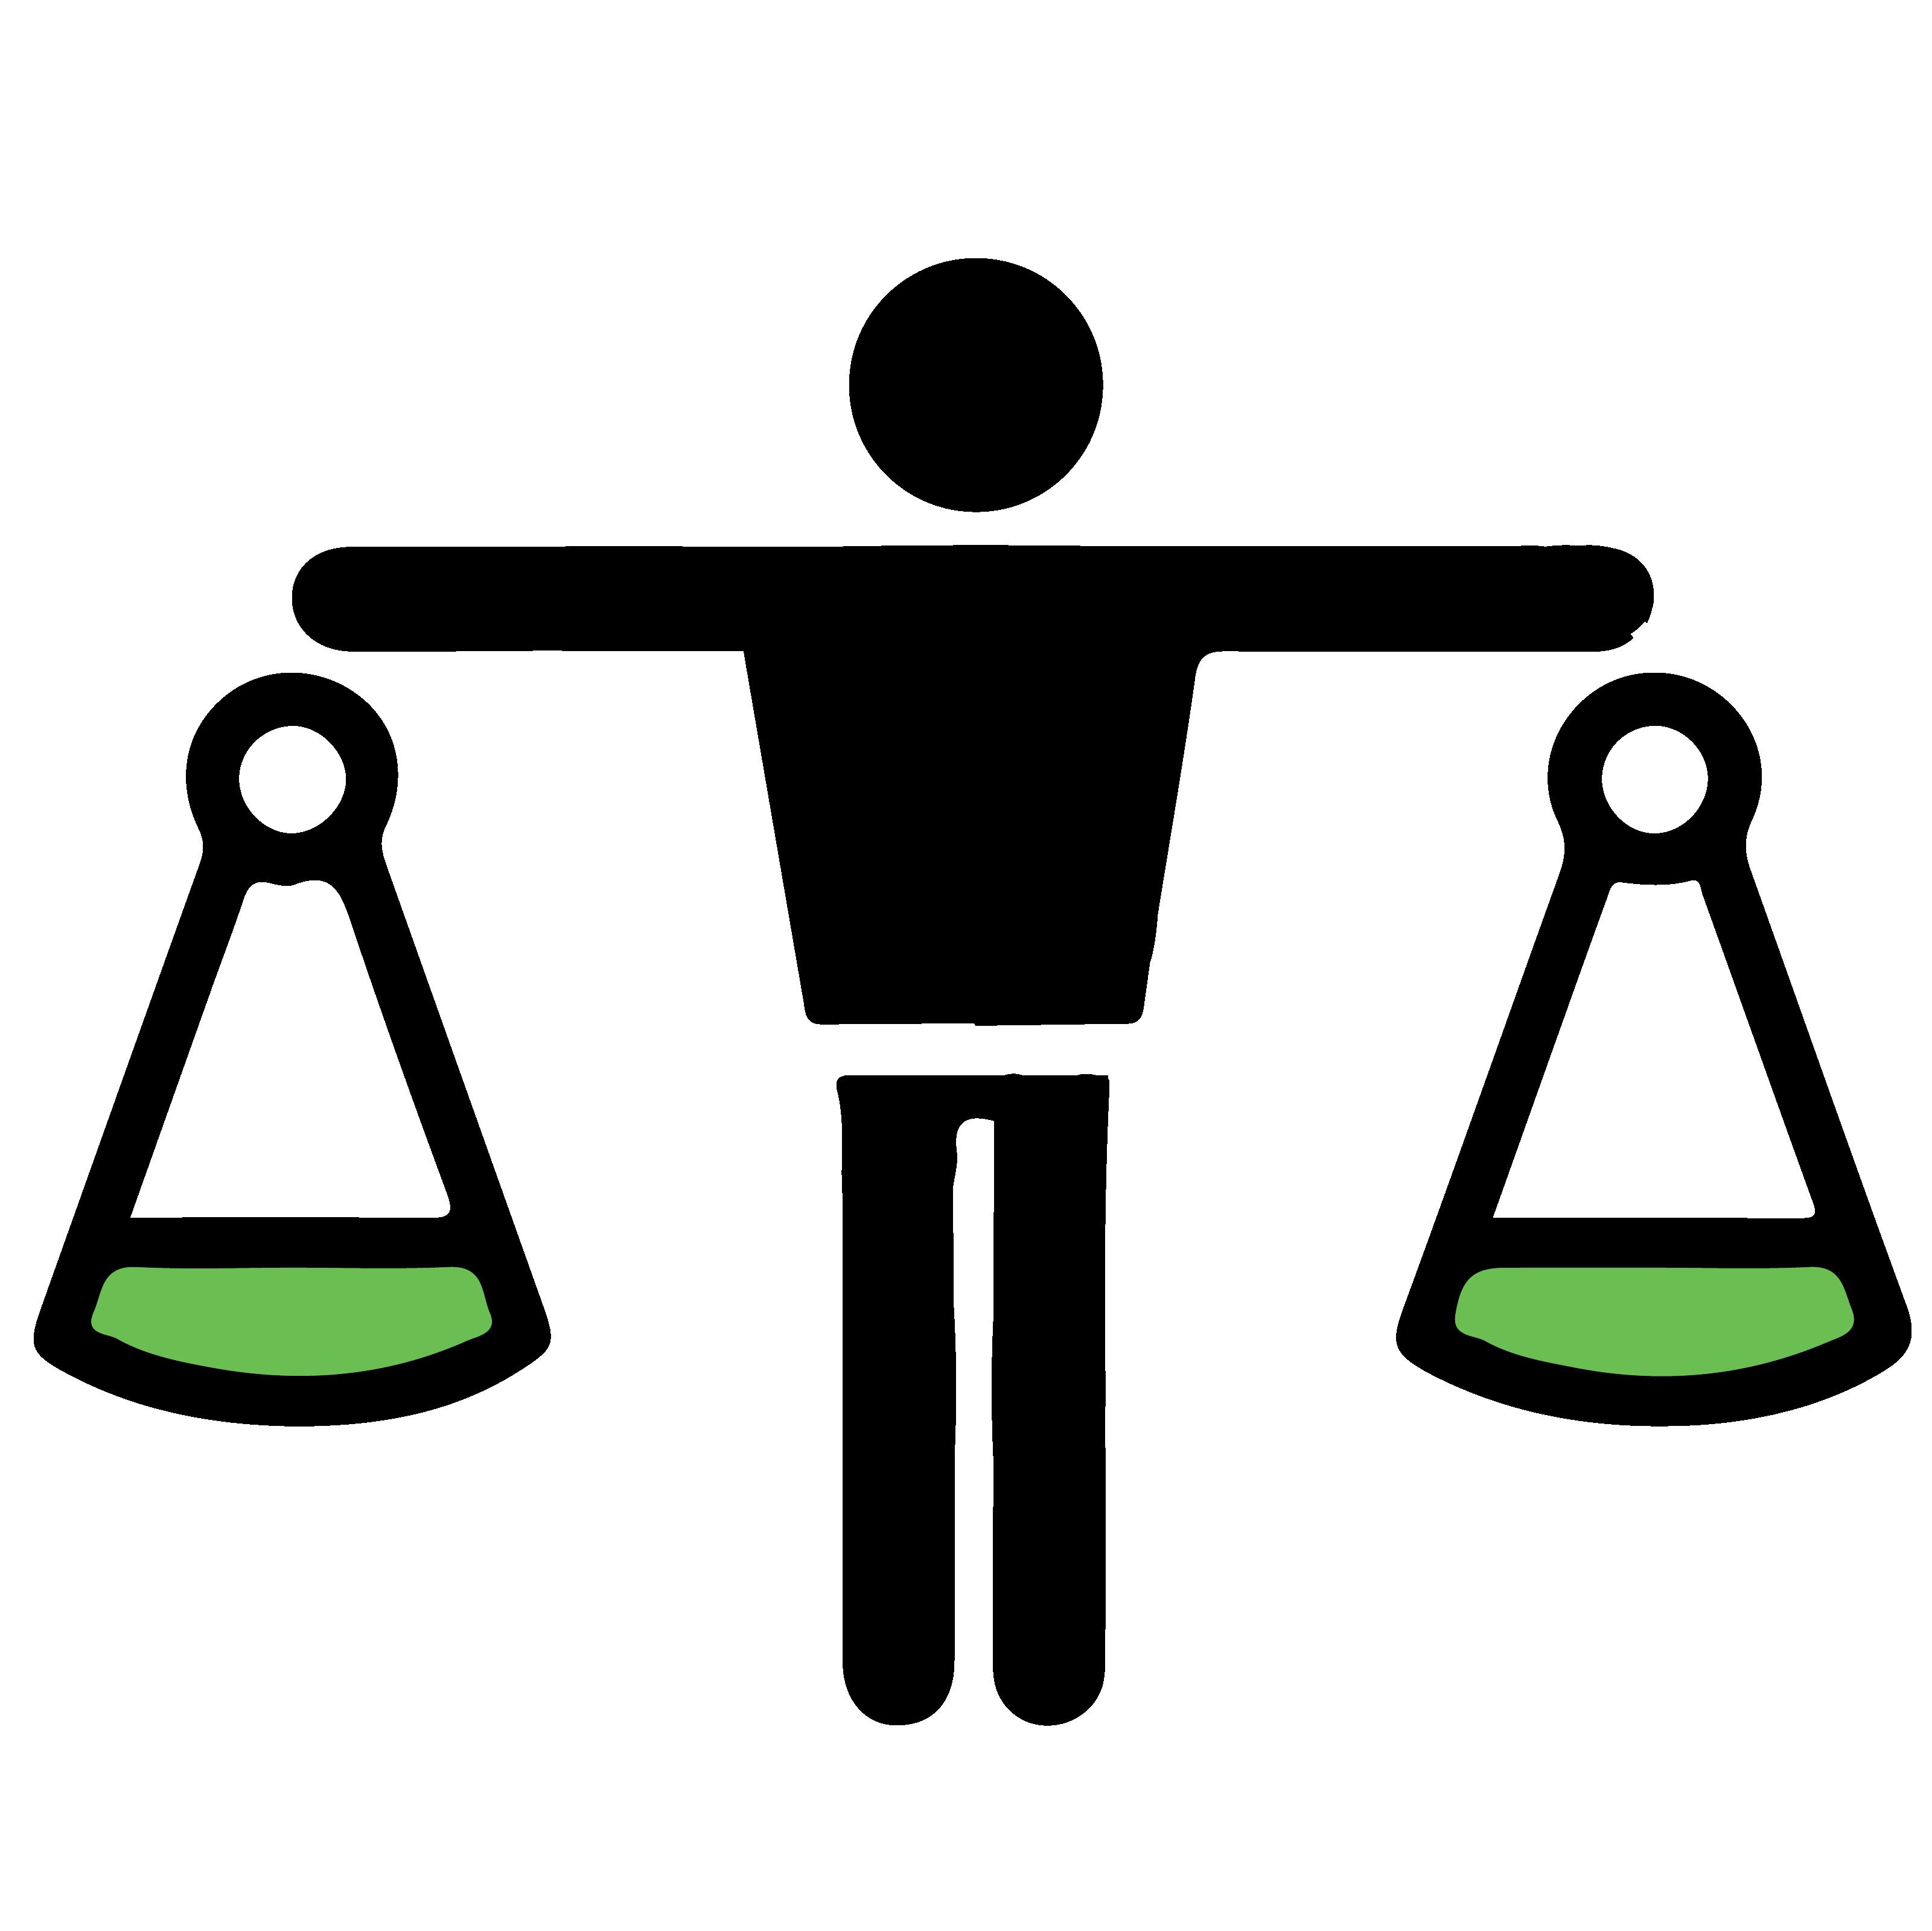 image-icone-valeurs-rncreq-02